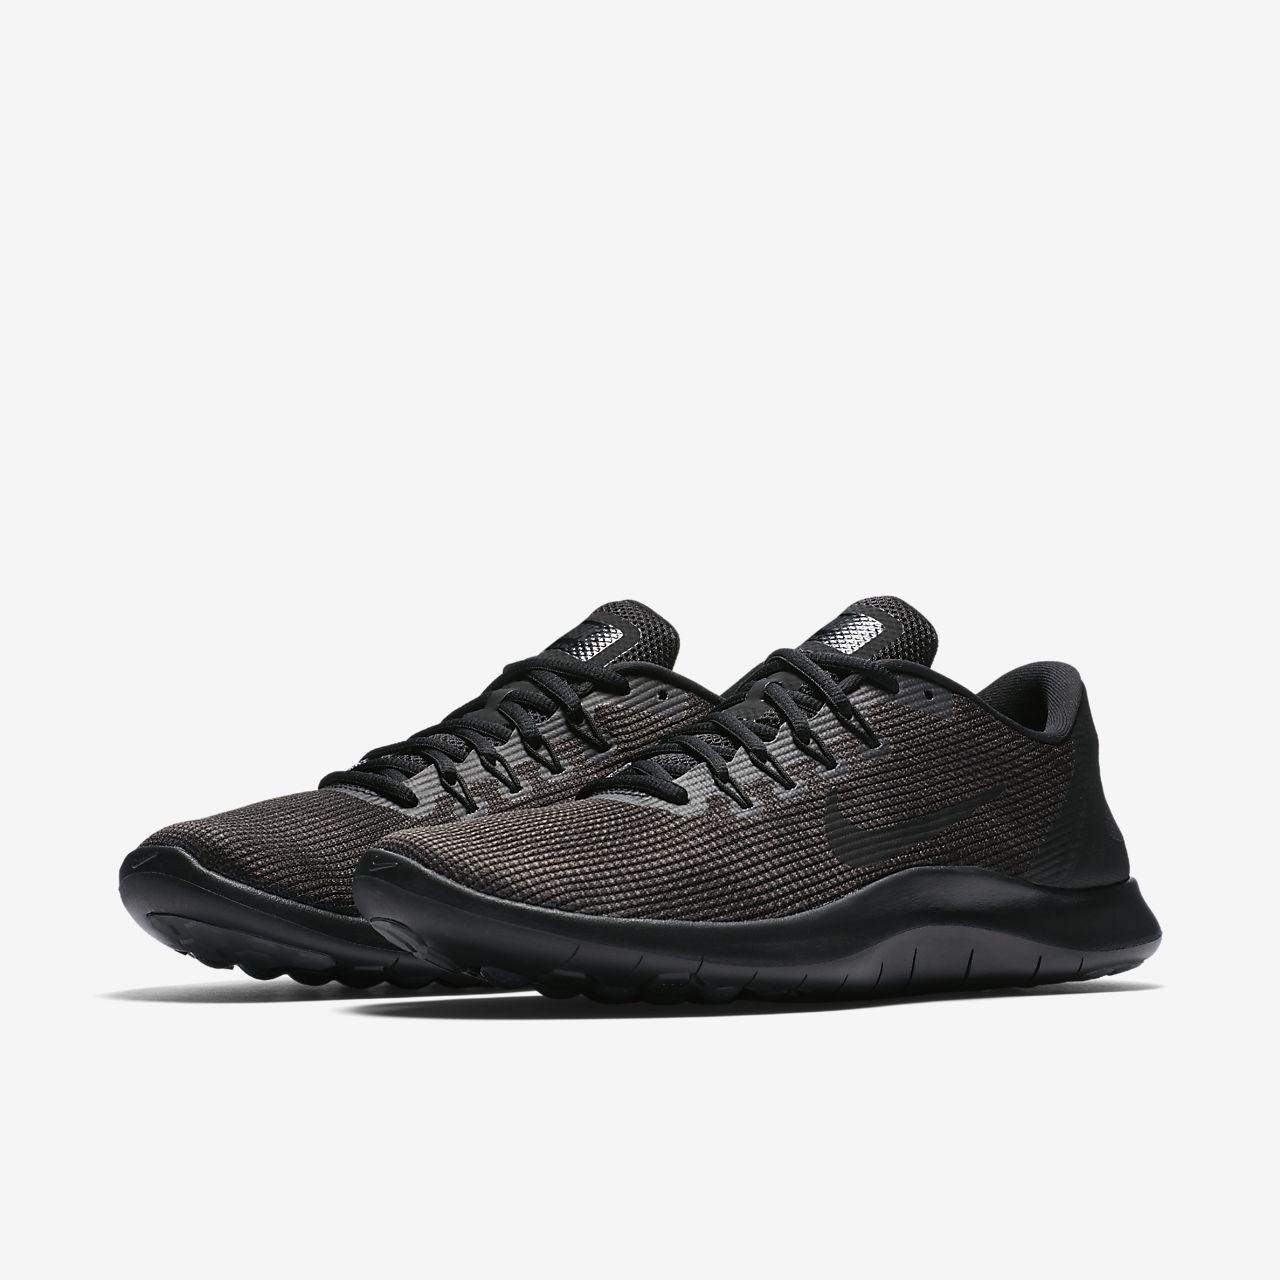 HommeCa Flex De Pour Nike Chaussure Running 2018 Rn 8wNn0OPkX